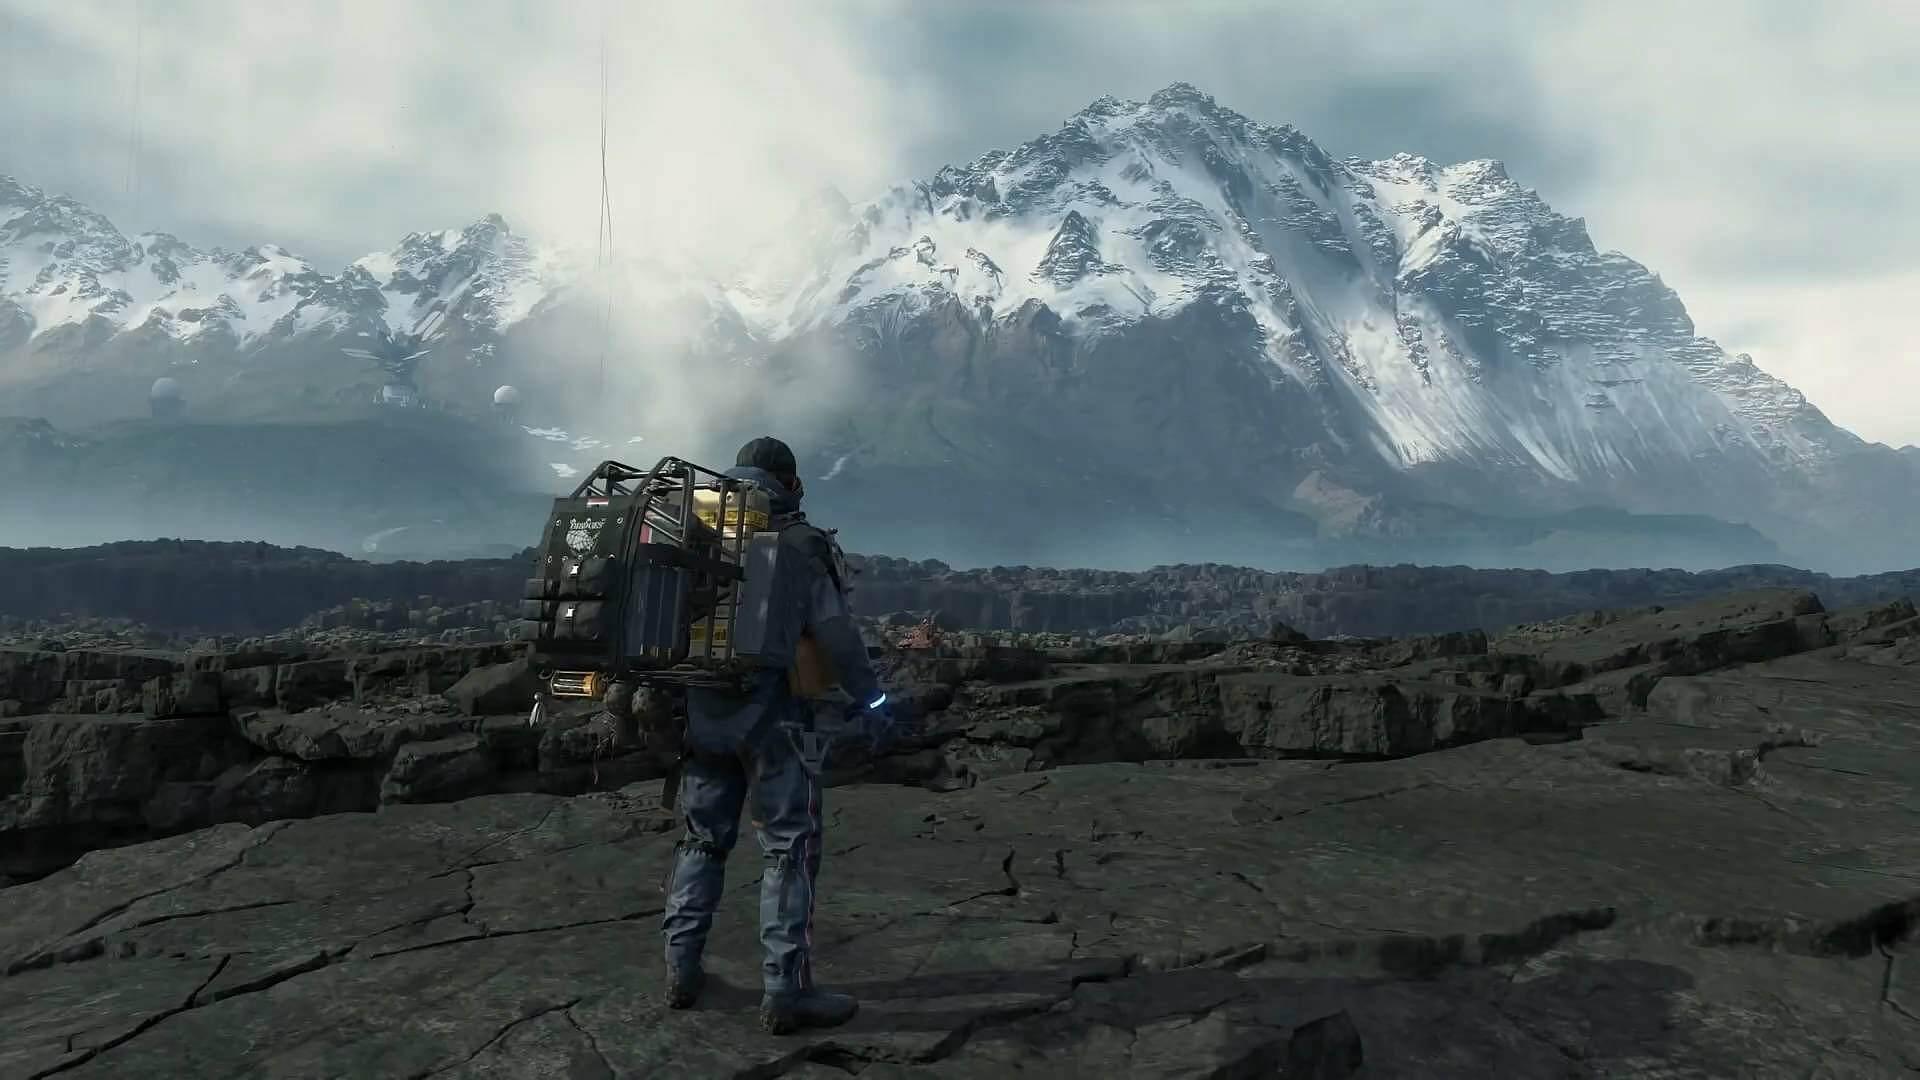 احتمال اضافه شدن عکسبرداری به Death Stranding در PS4